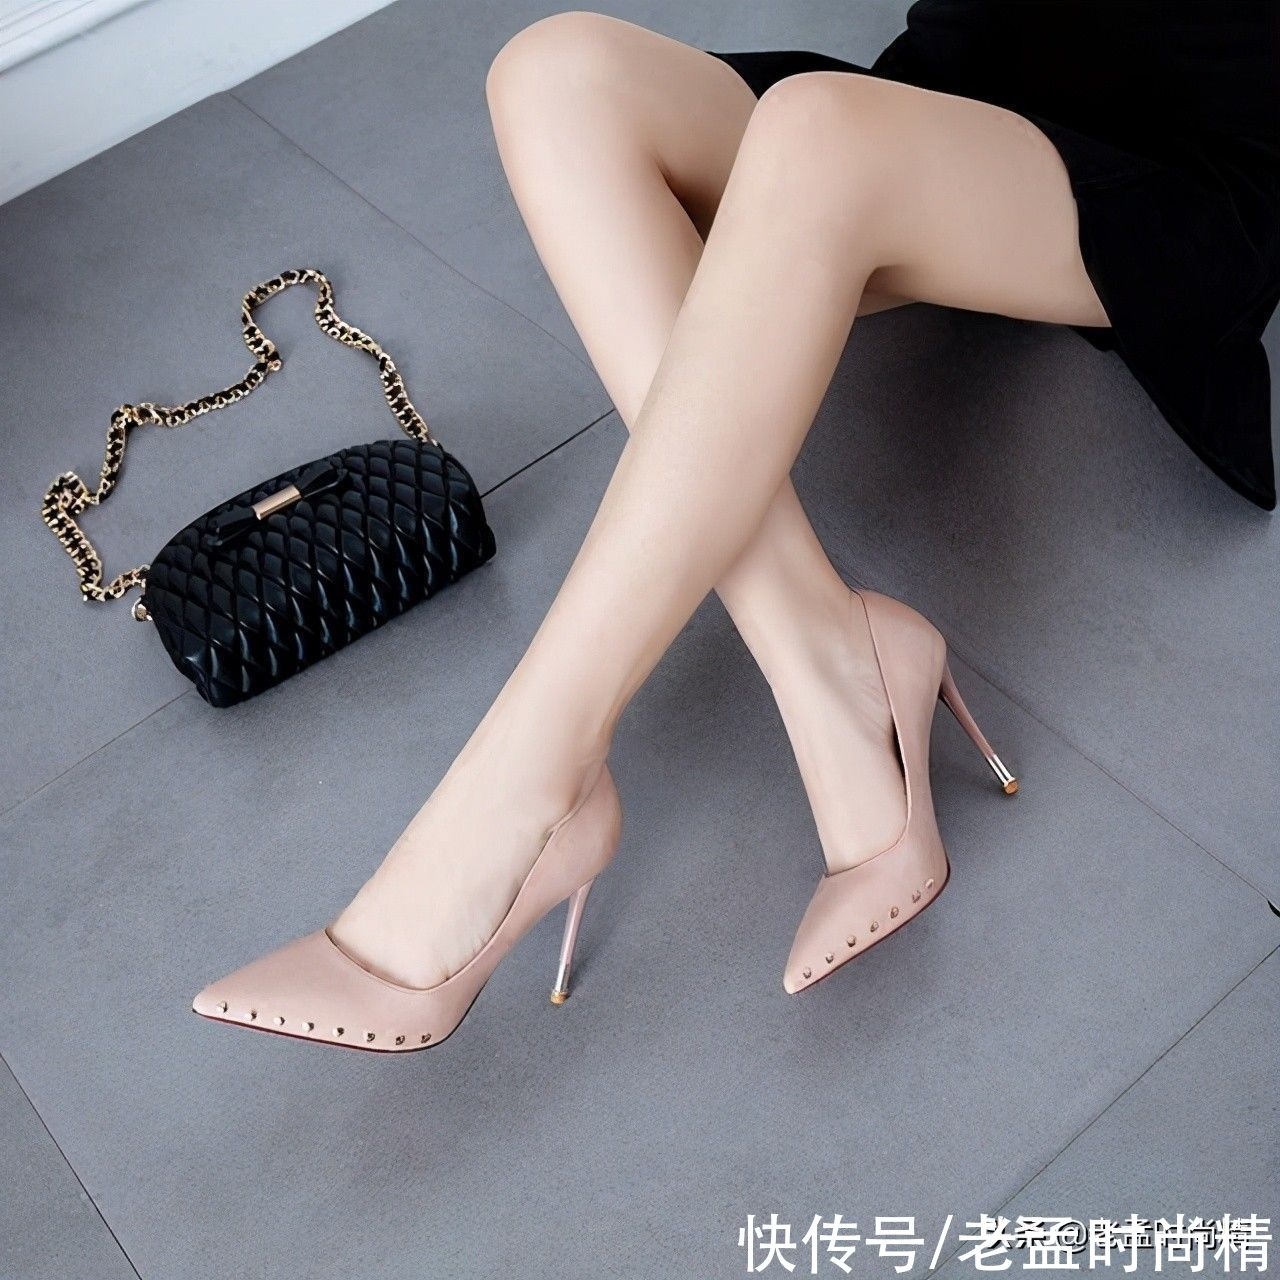 尖頭細跟高跟鞋助你玩轉各種場合,盡顯女性優雅魅力